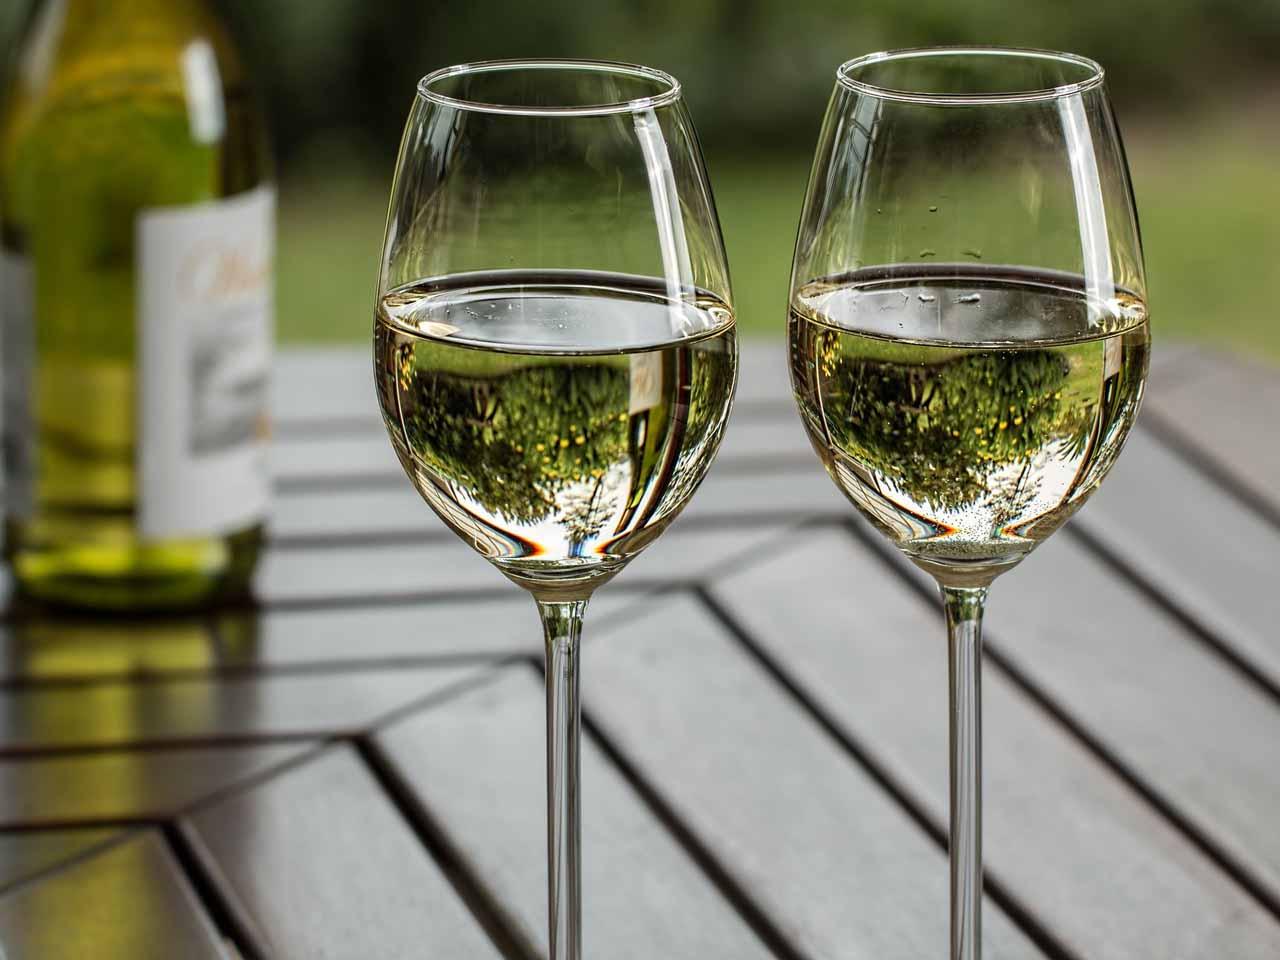 Darf man Wein im Eisfach kühlen